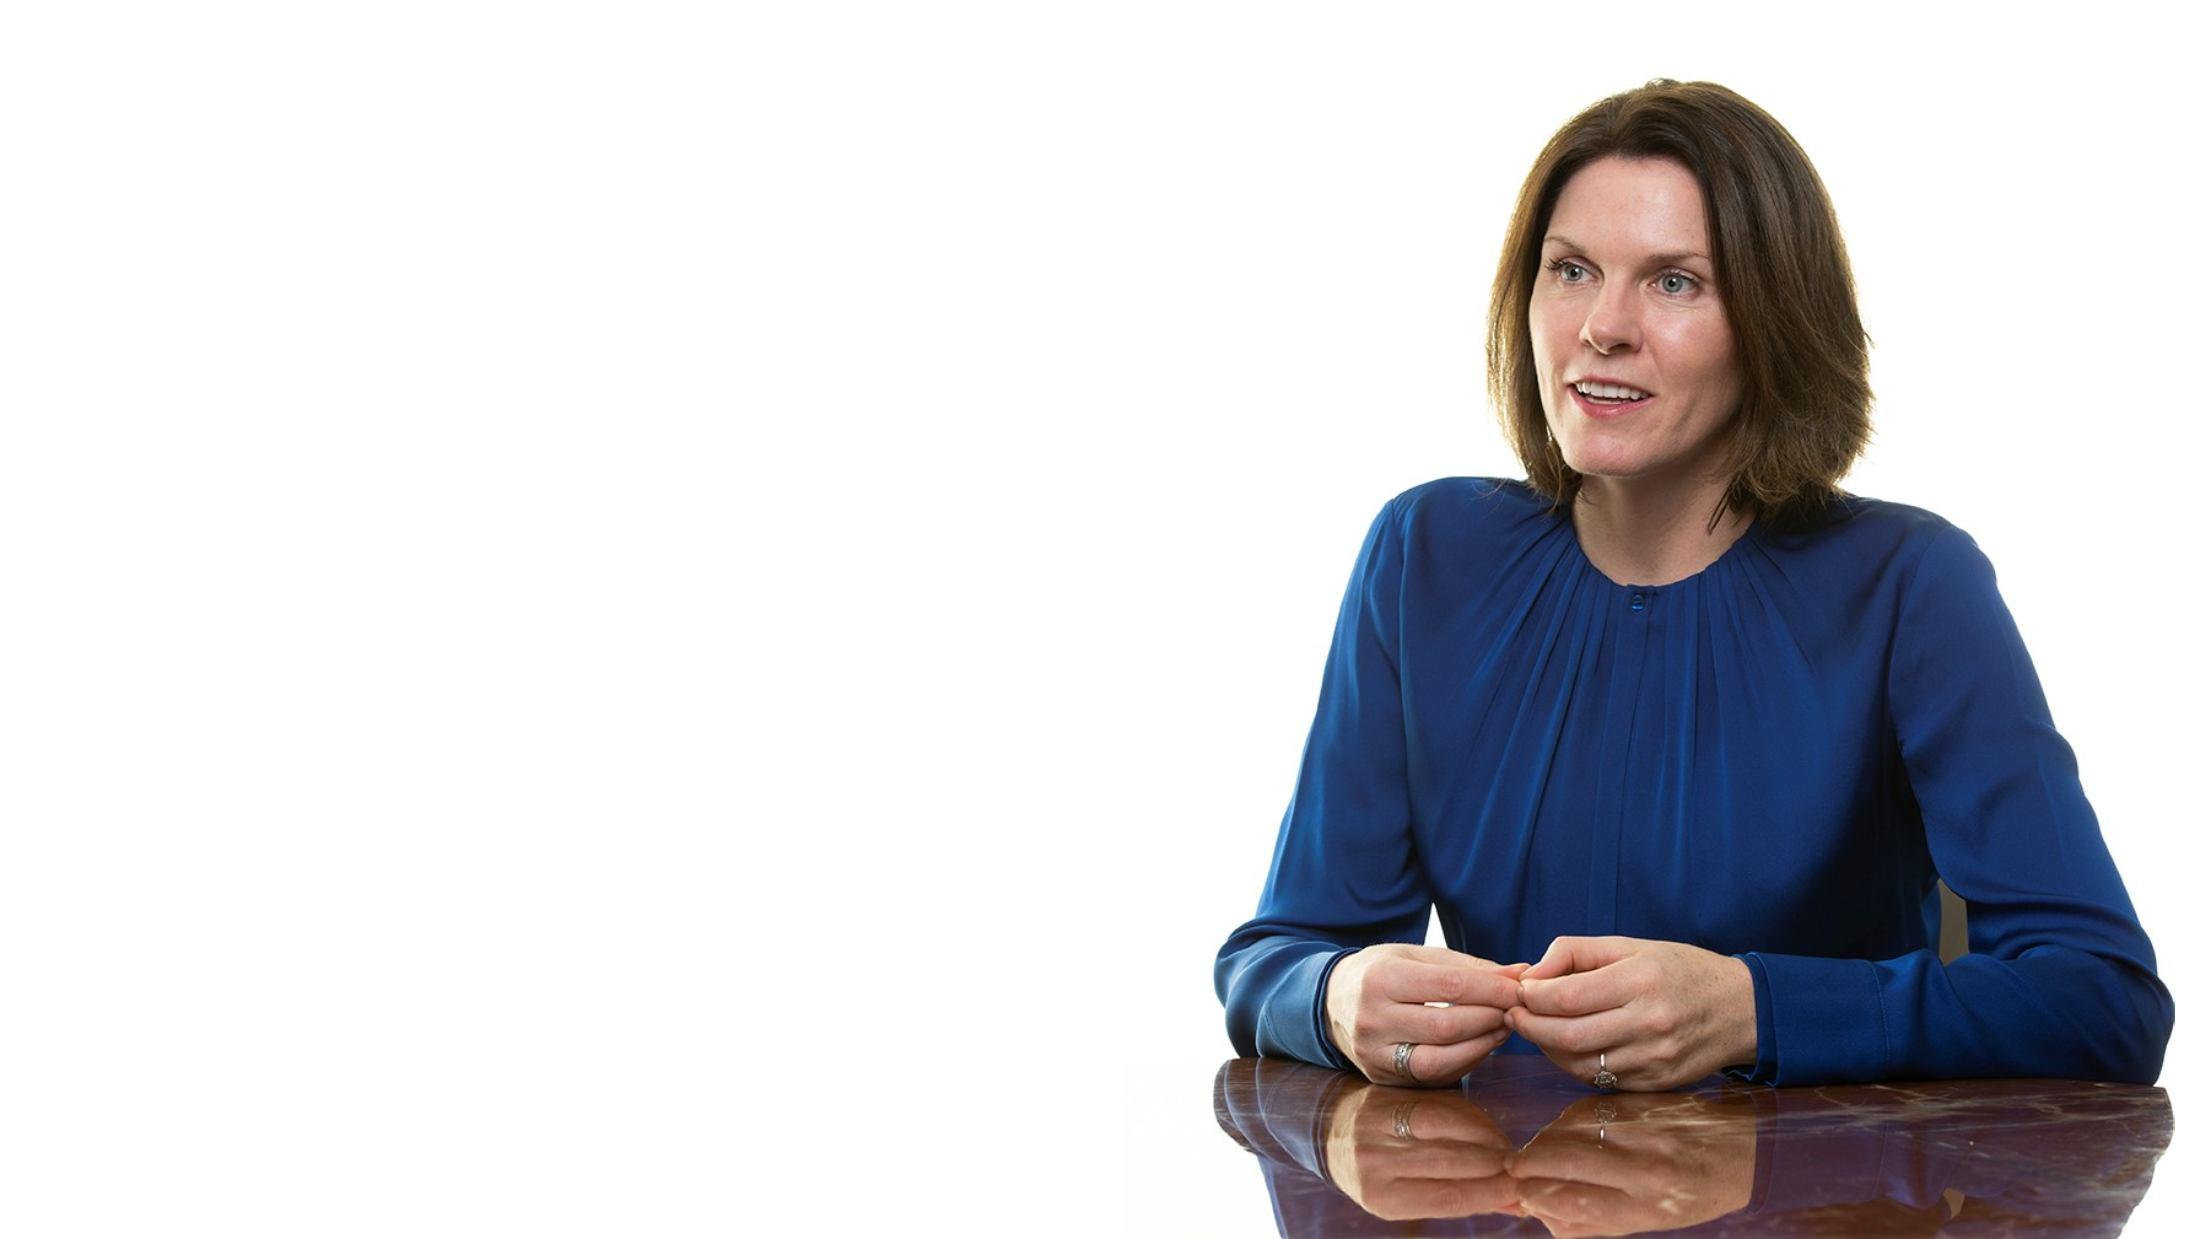 Tara Foley, Chief Executive Officer, AXA UK Retail Insurance